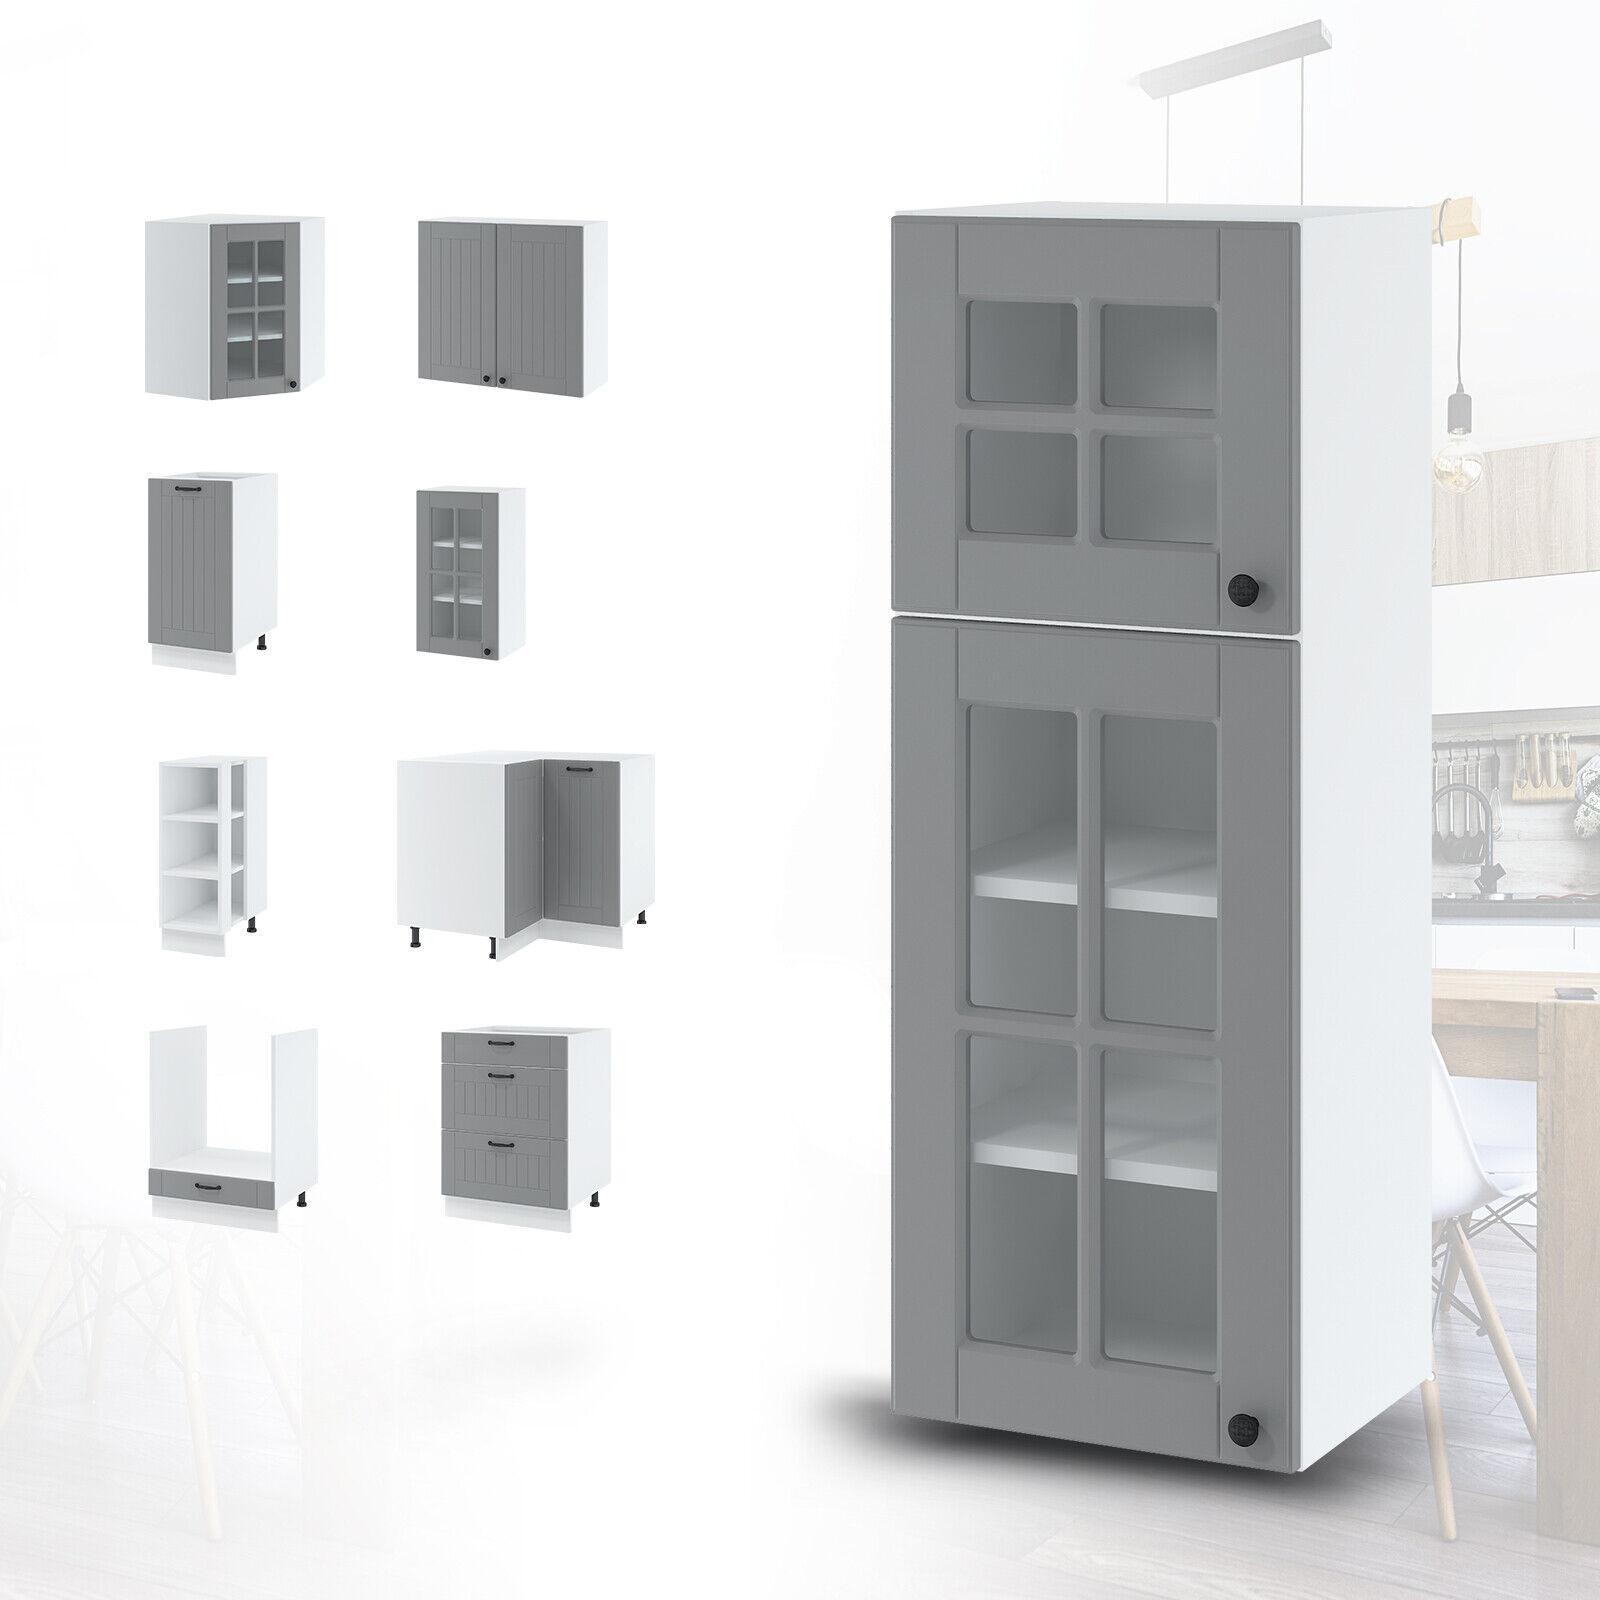 Küchenschrank Hängeschrank Unterschrank Weiß Grau Beige 72 Modelle Schränke TOP